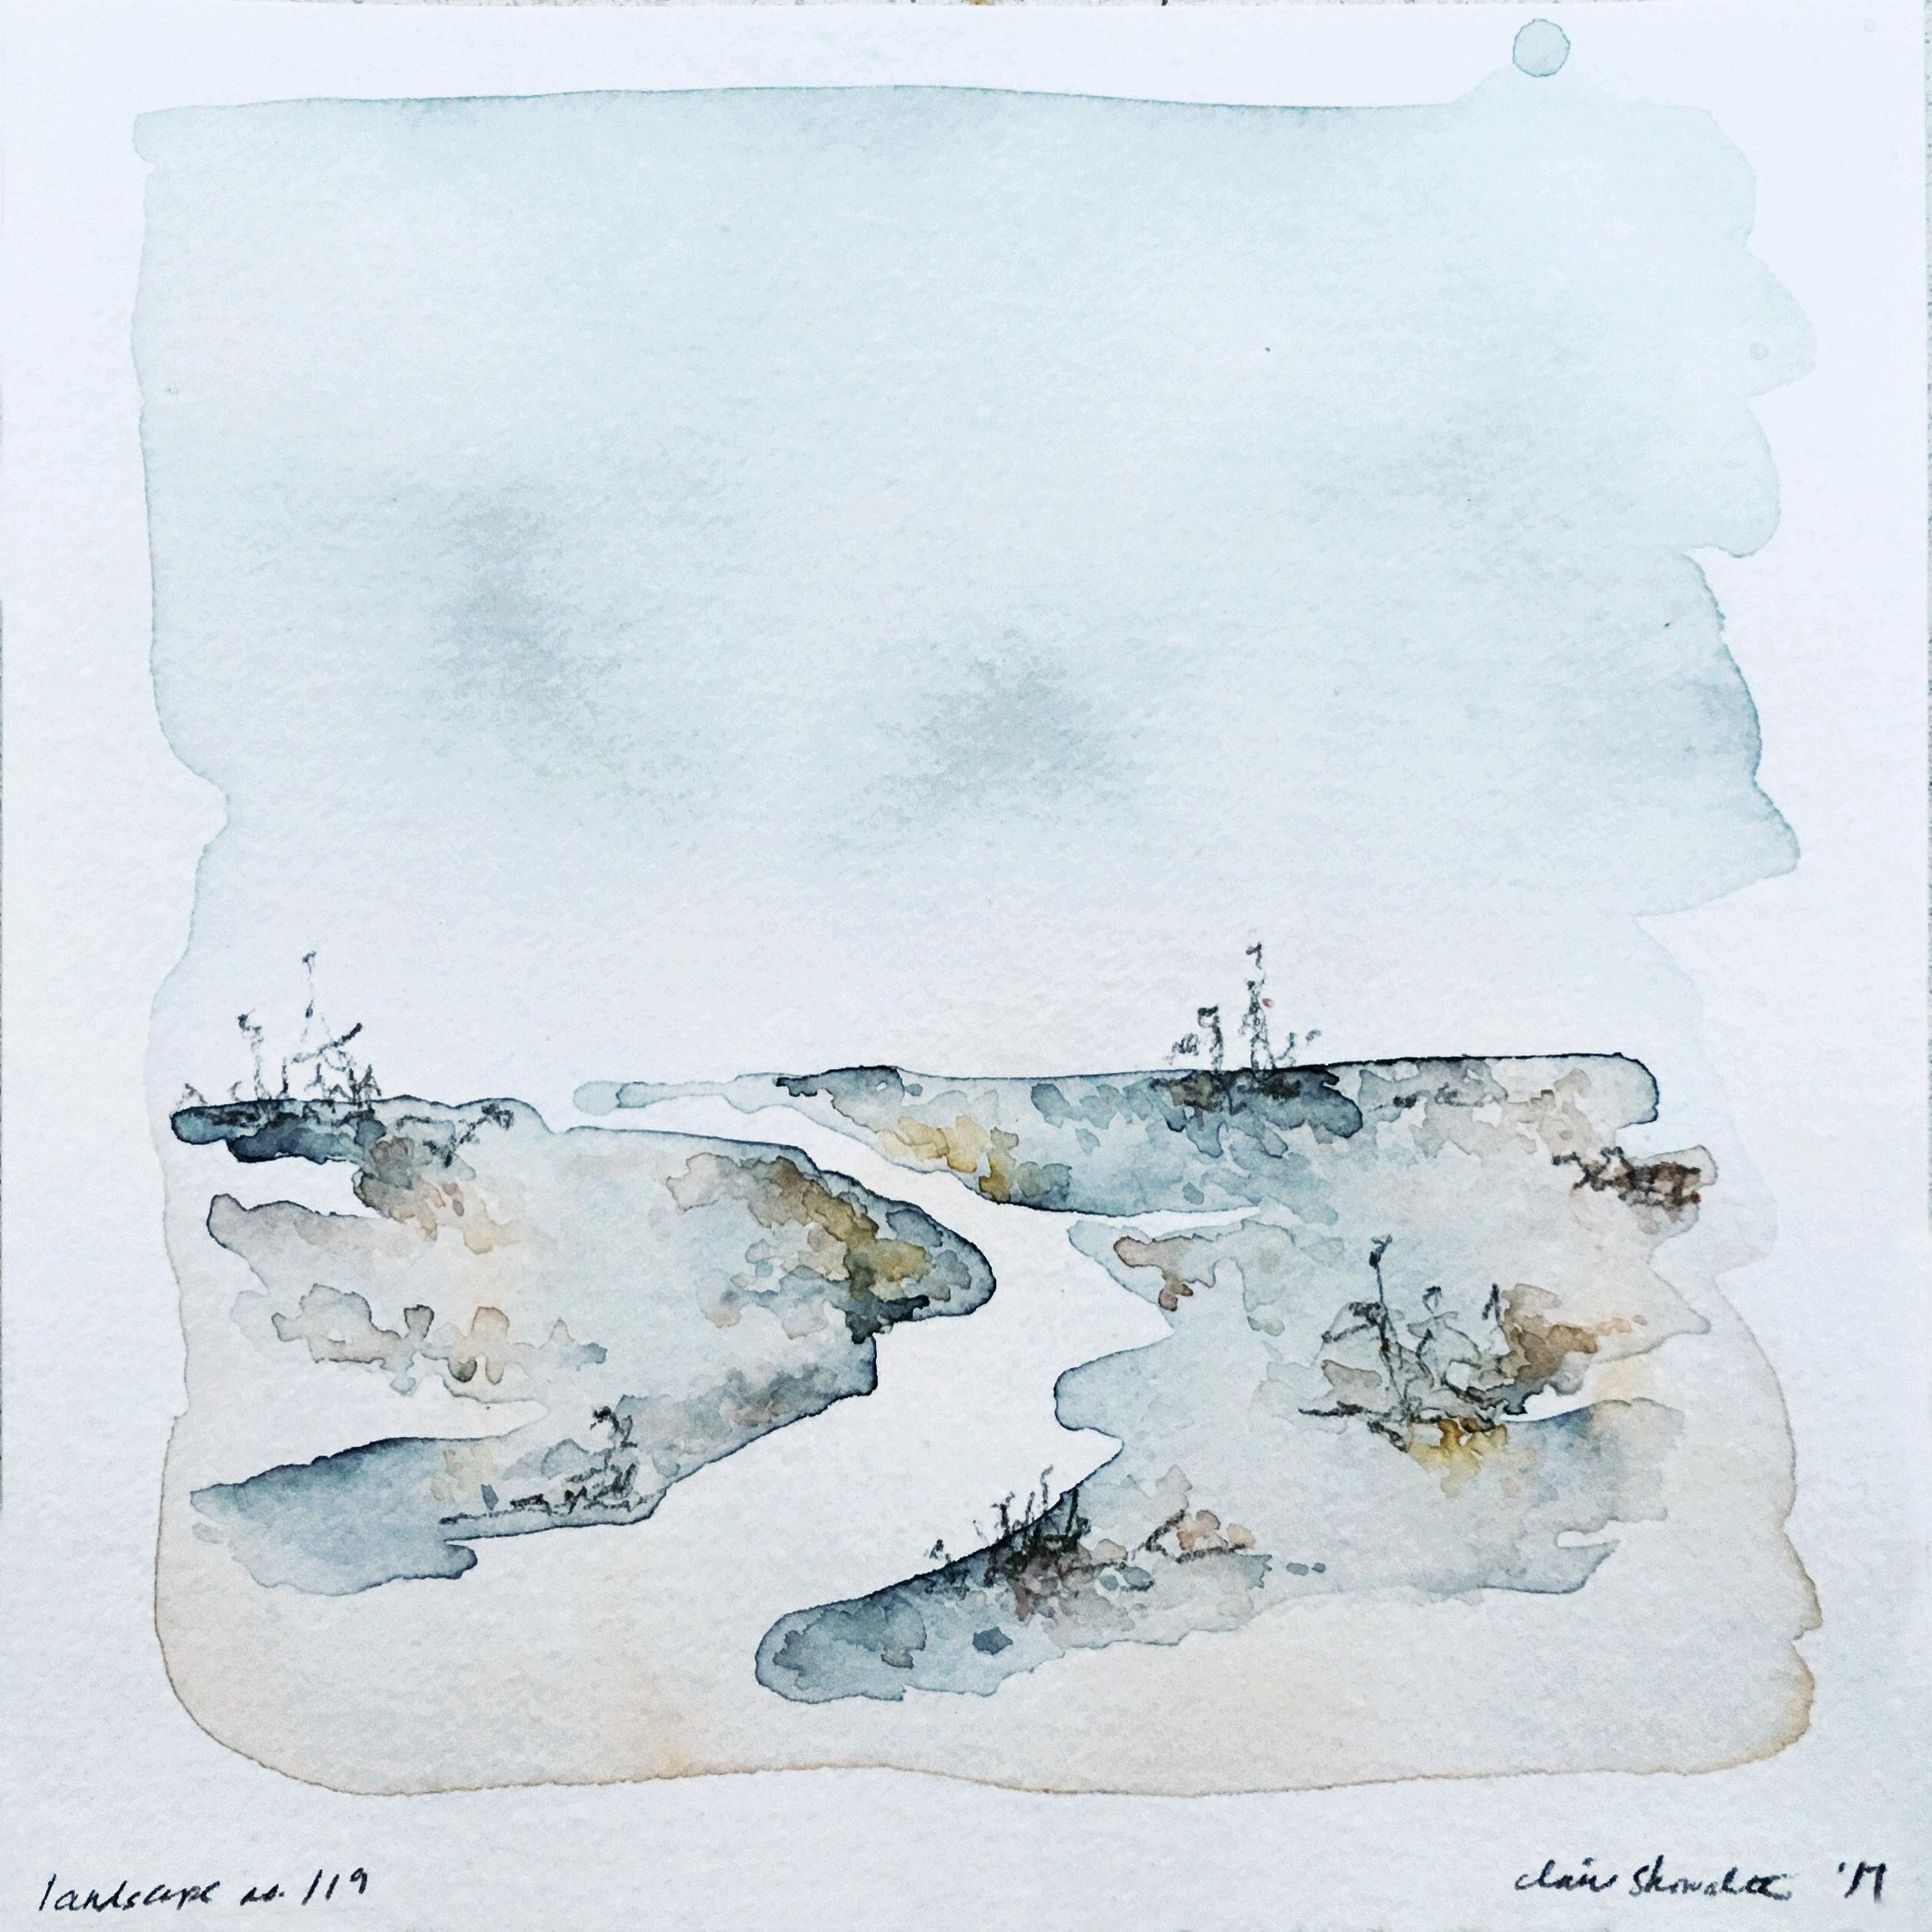 landscape no 119.JPG